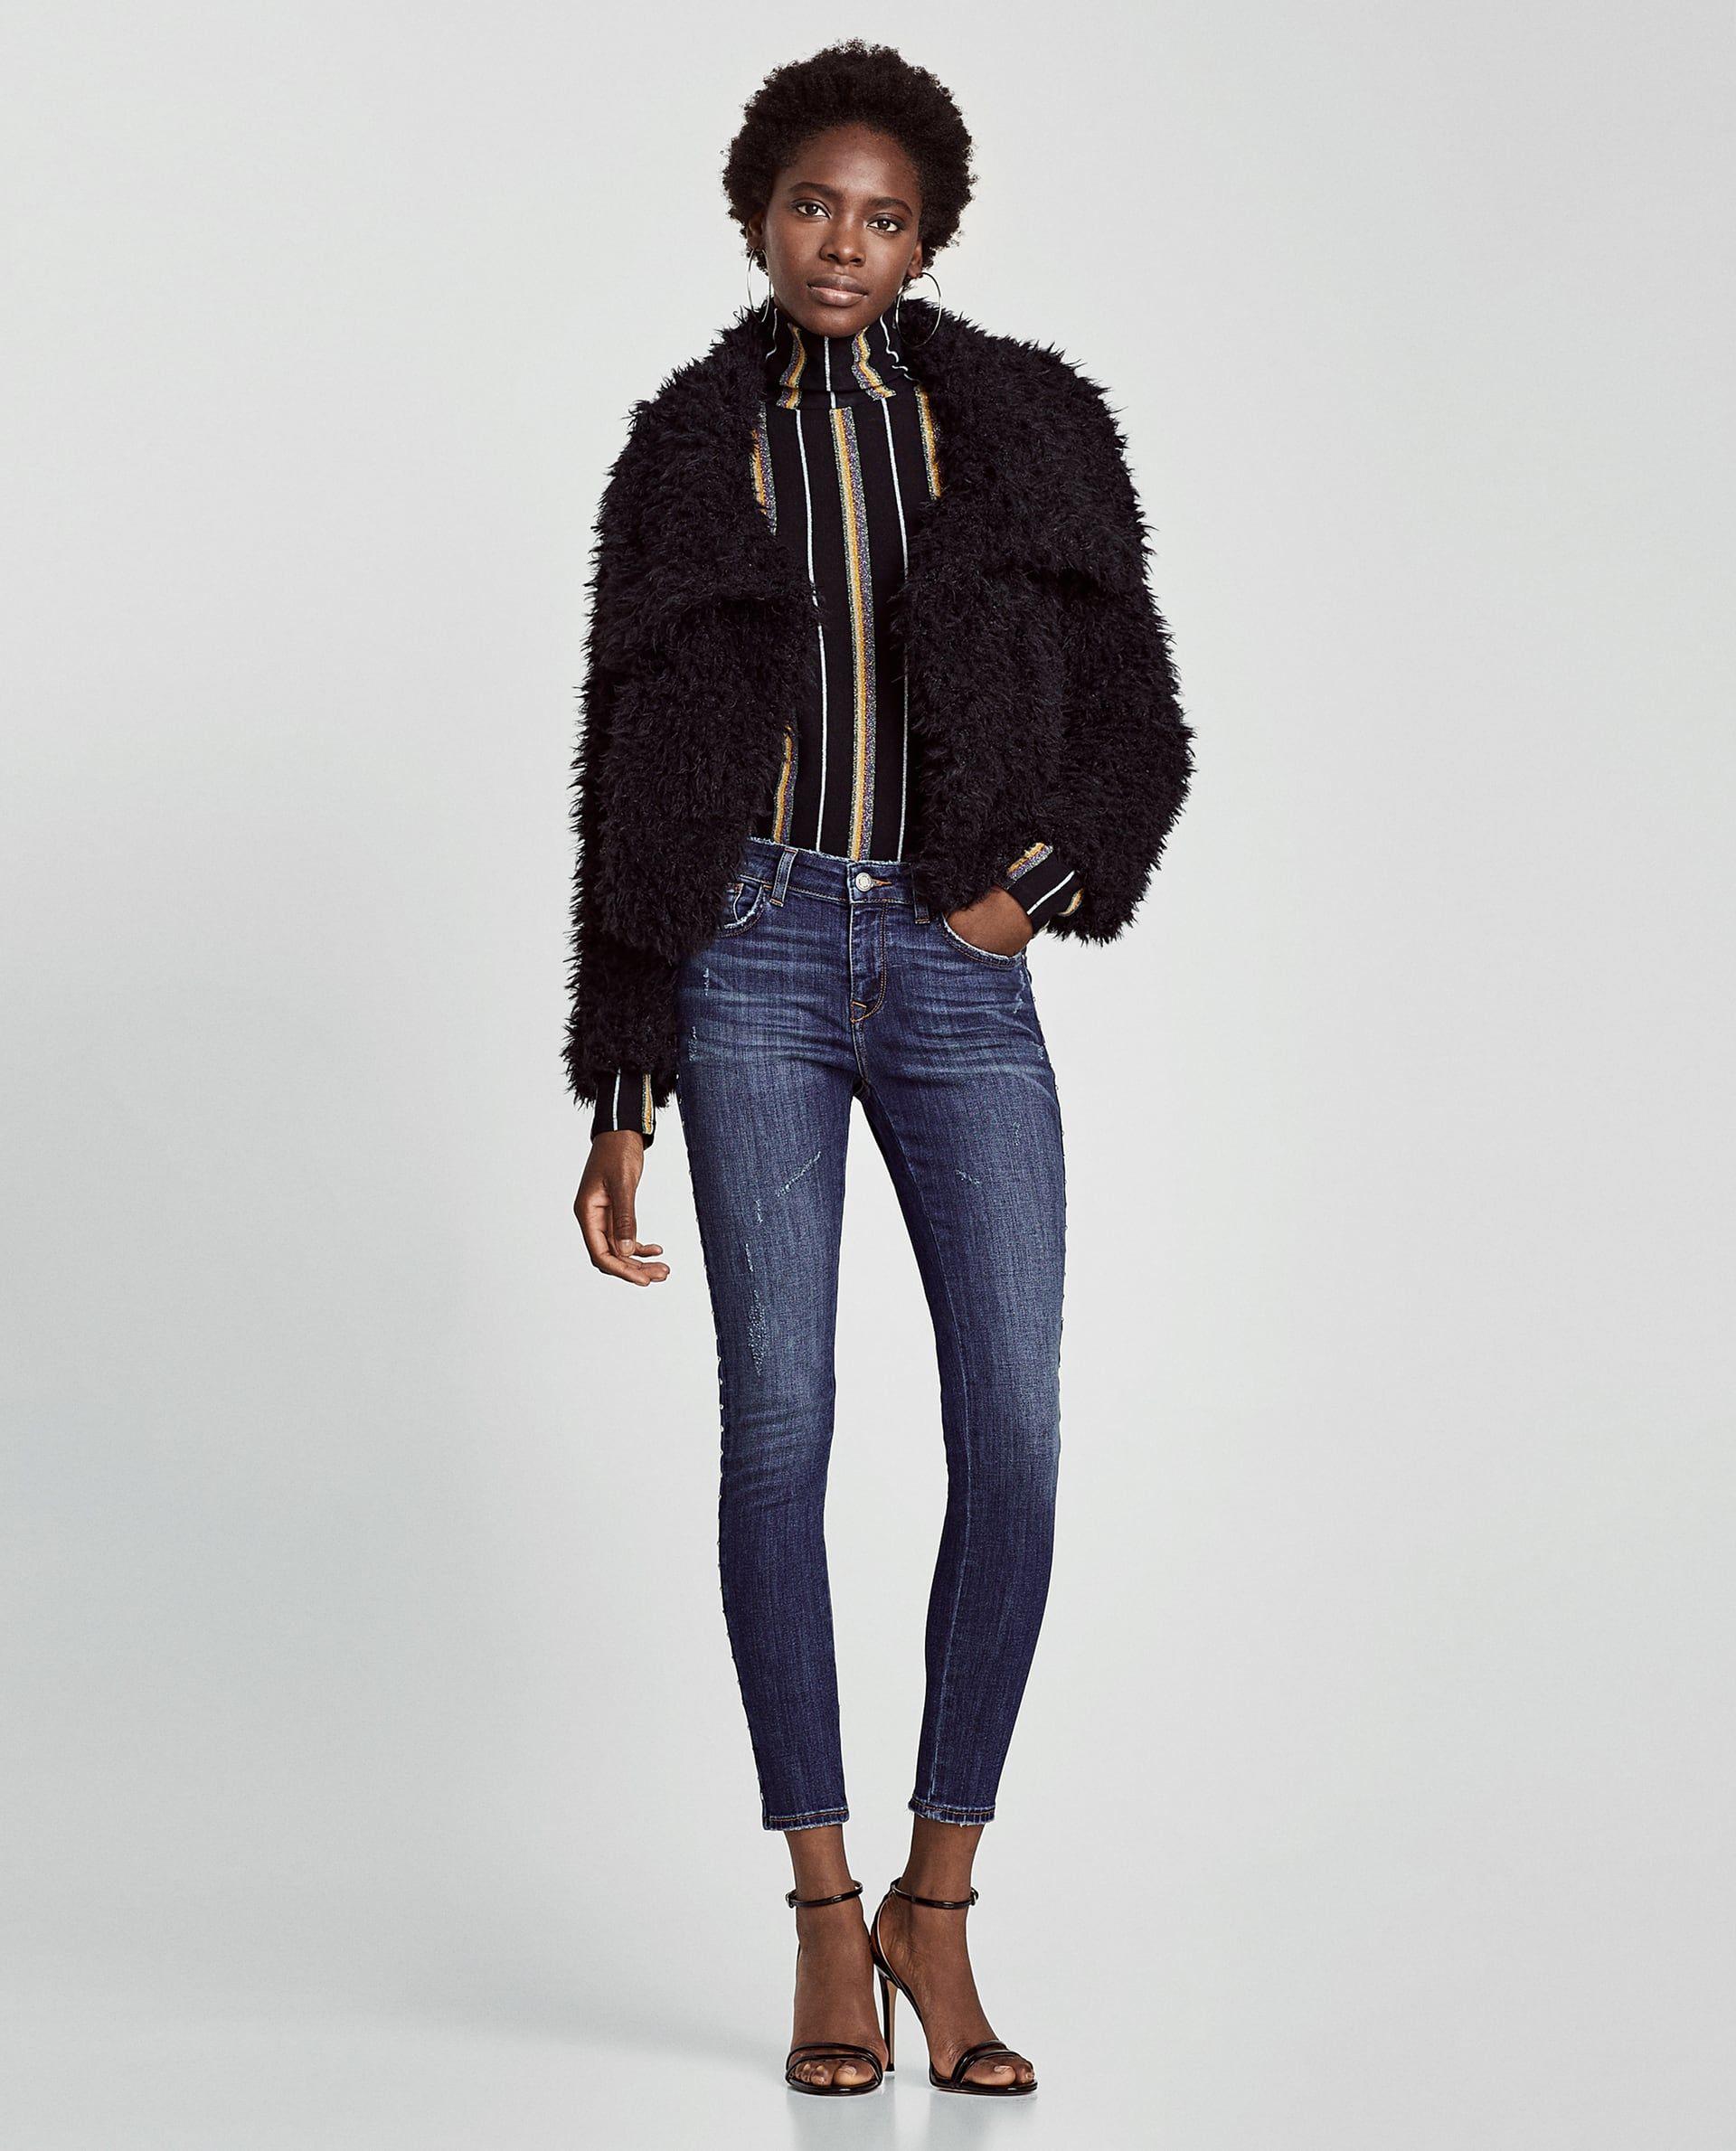 1a81486911 JEANS Z1975 BANDA LATERAL TACHAS | kLaMoTTeN | Damen jeans, Zara ...